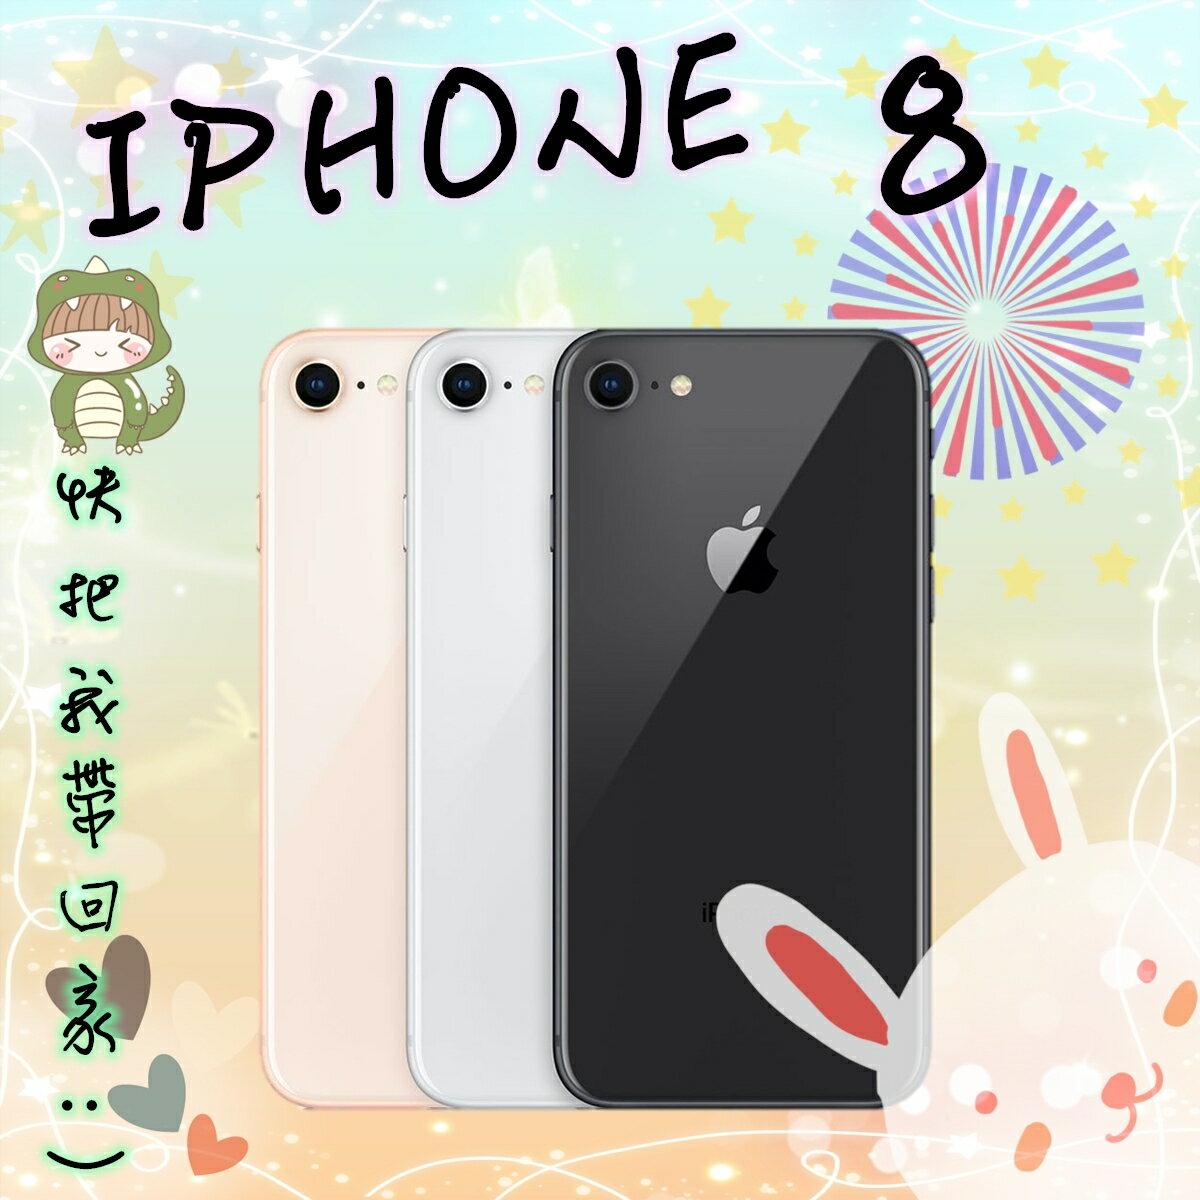 iPhone 8 64G 4.7吋 Apple 隔天到貨 全新未拆公司貨 原廠保固一年